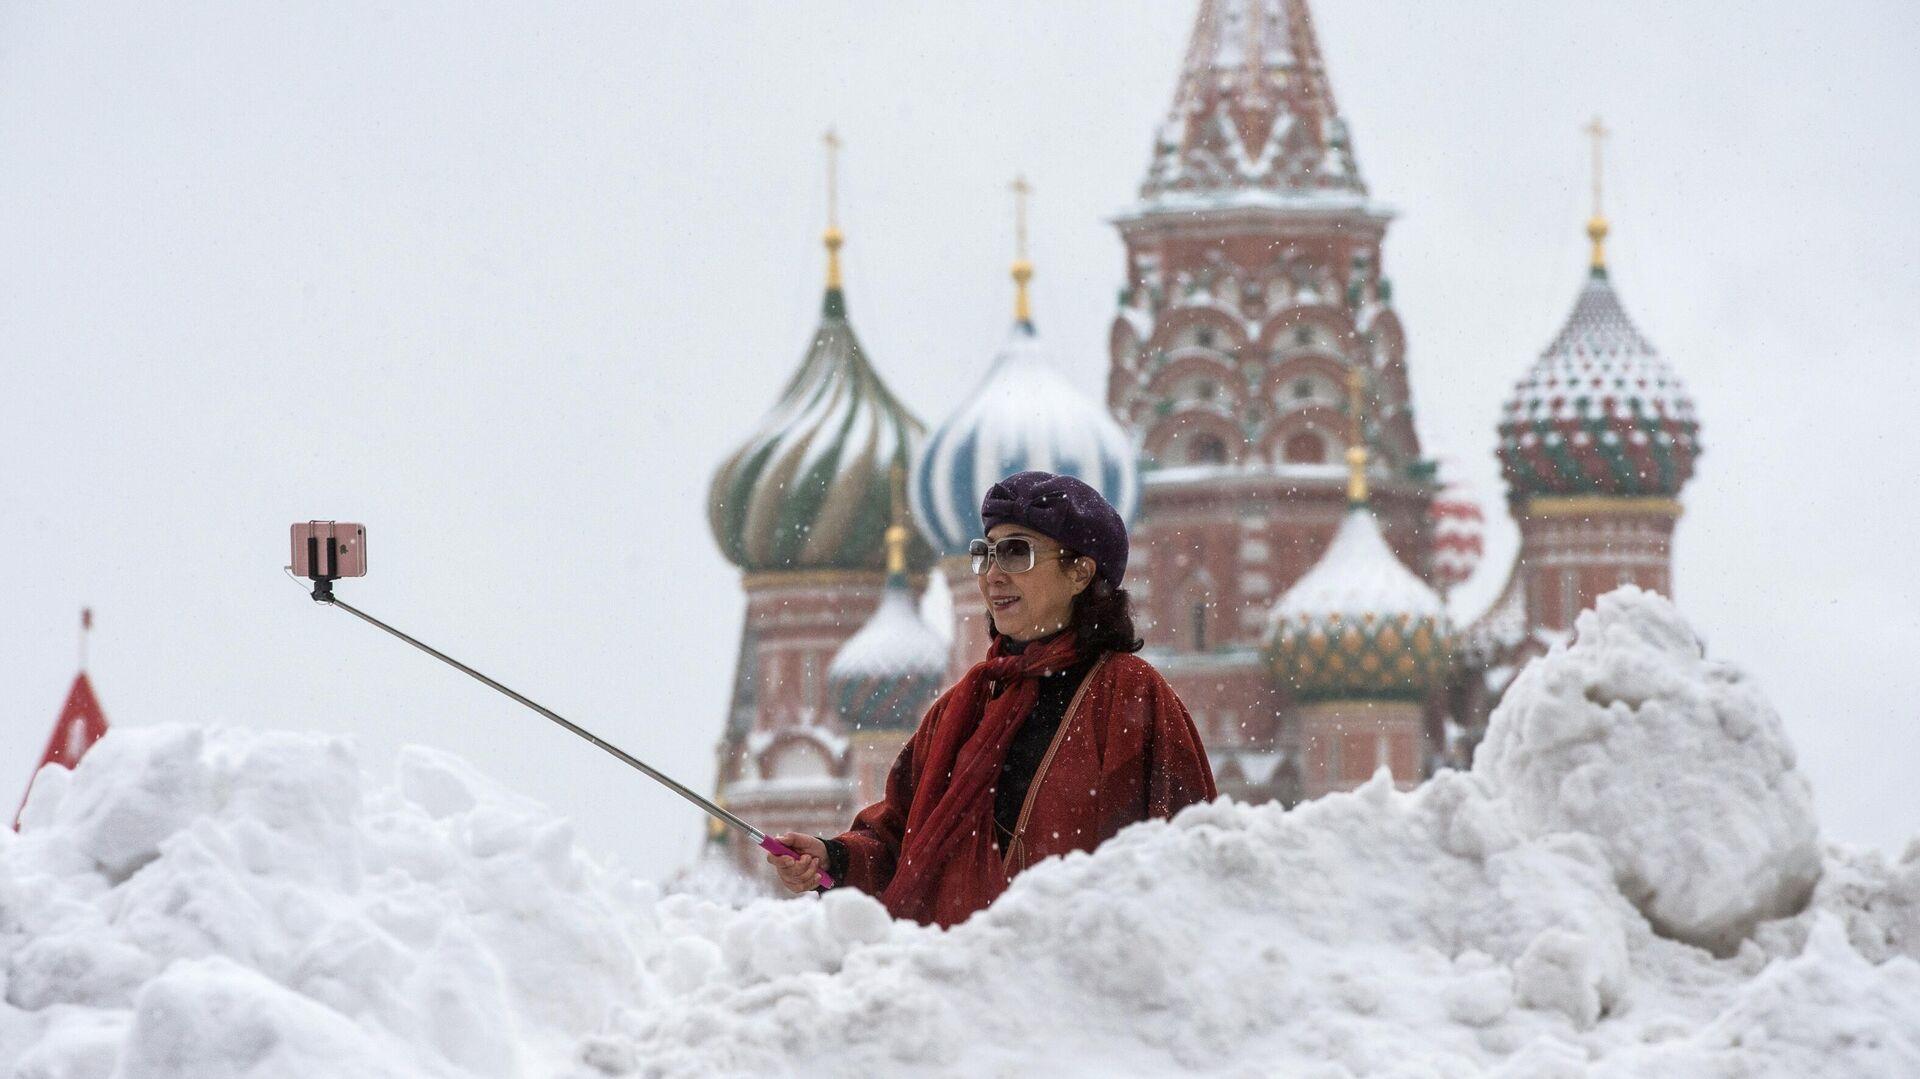 Женщина фотографируется у храма Василия Блаженного на Красной площади - РИА Новости, 1920, 21.12.2020